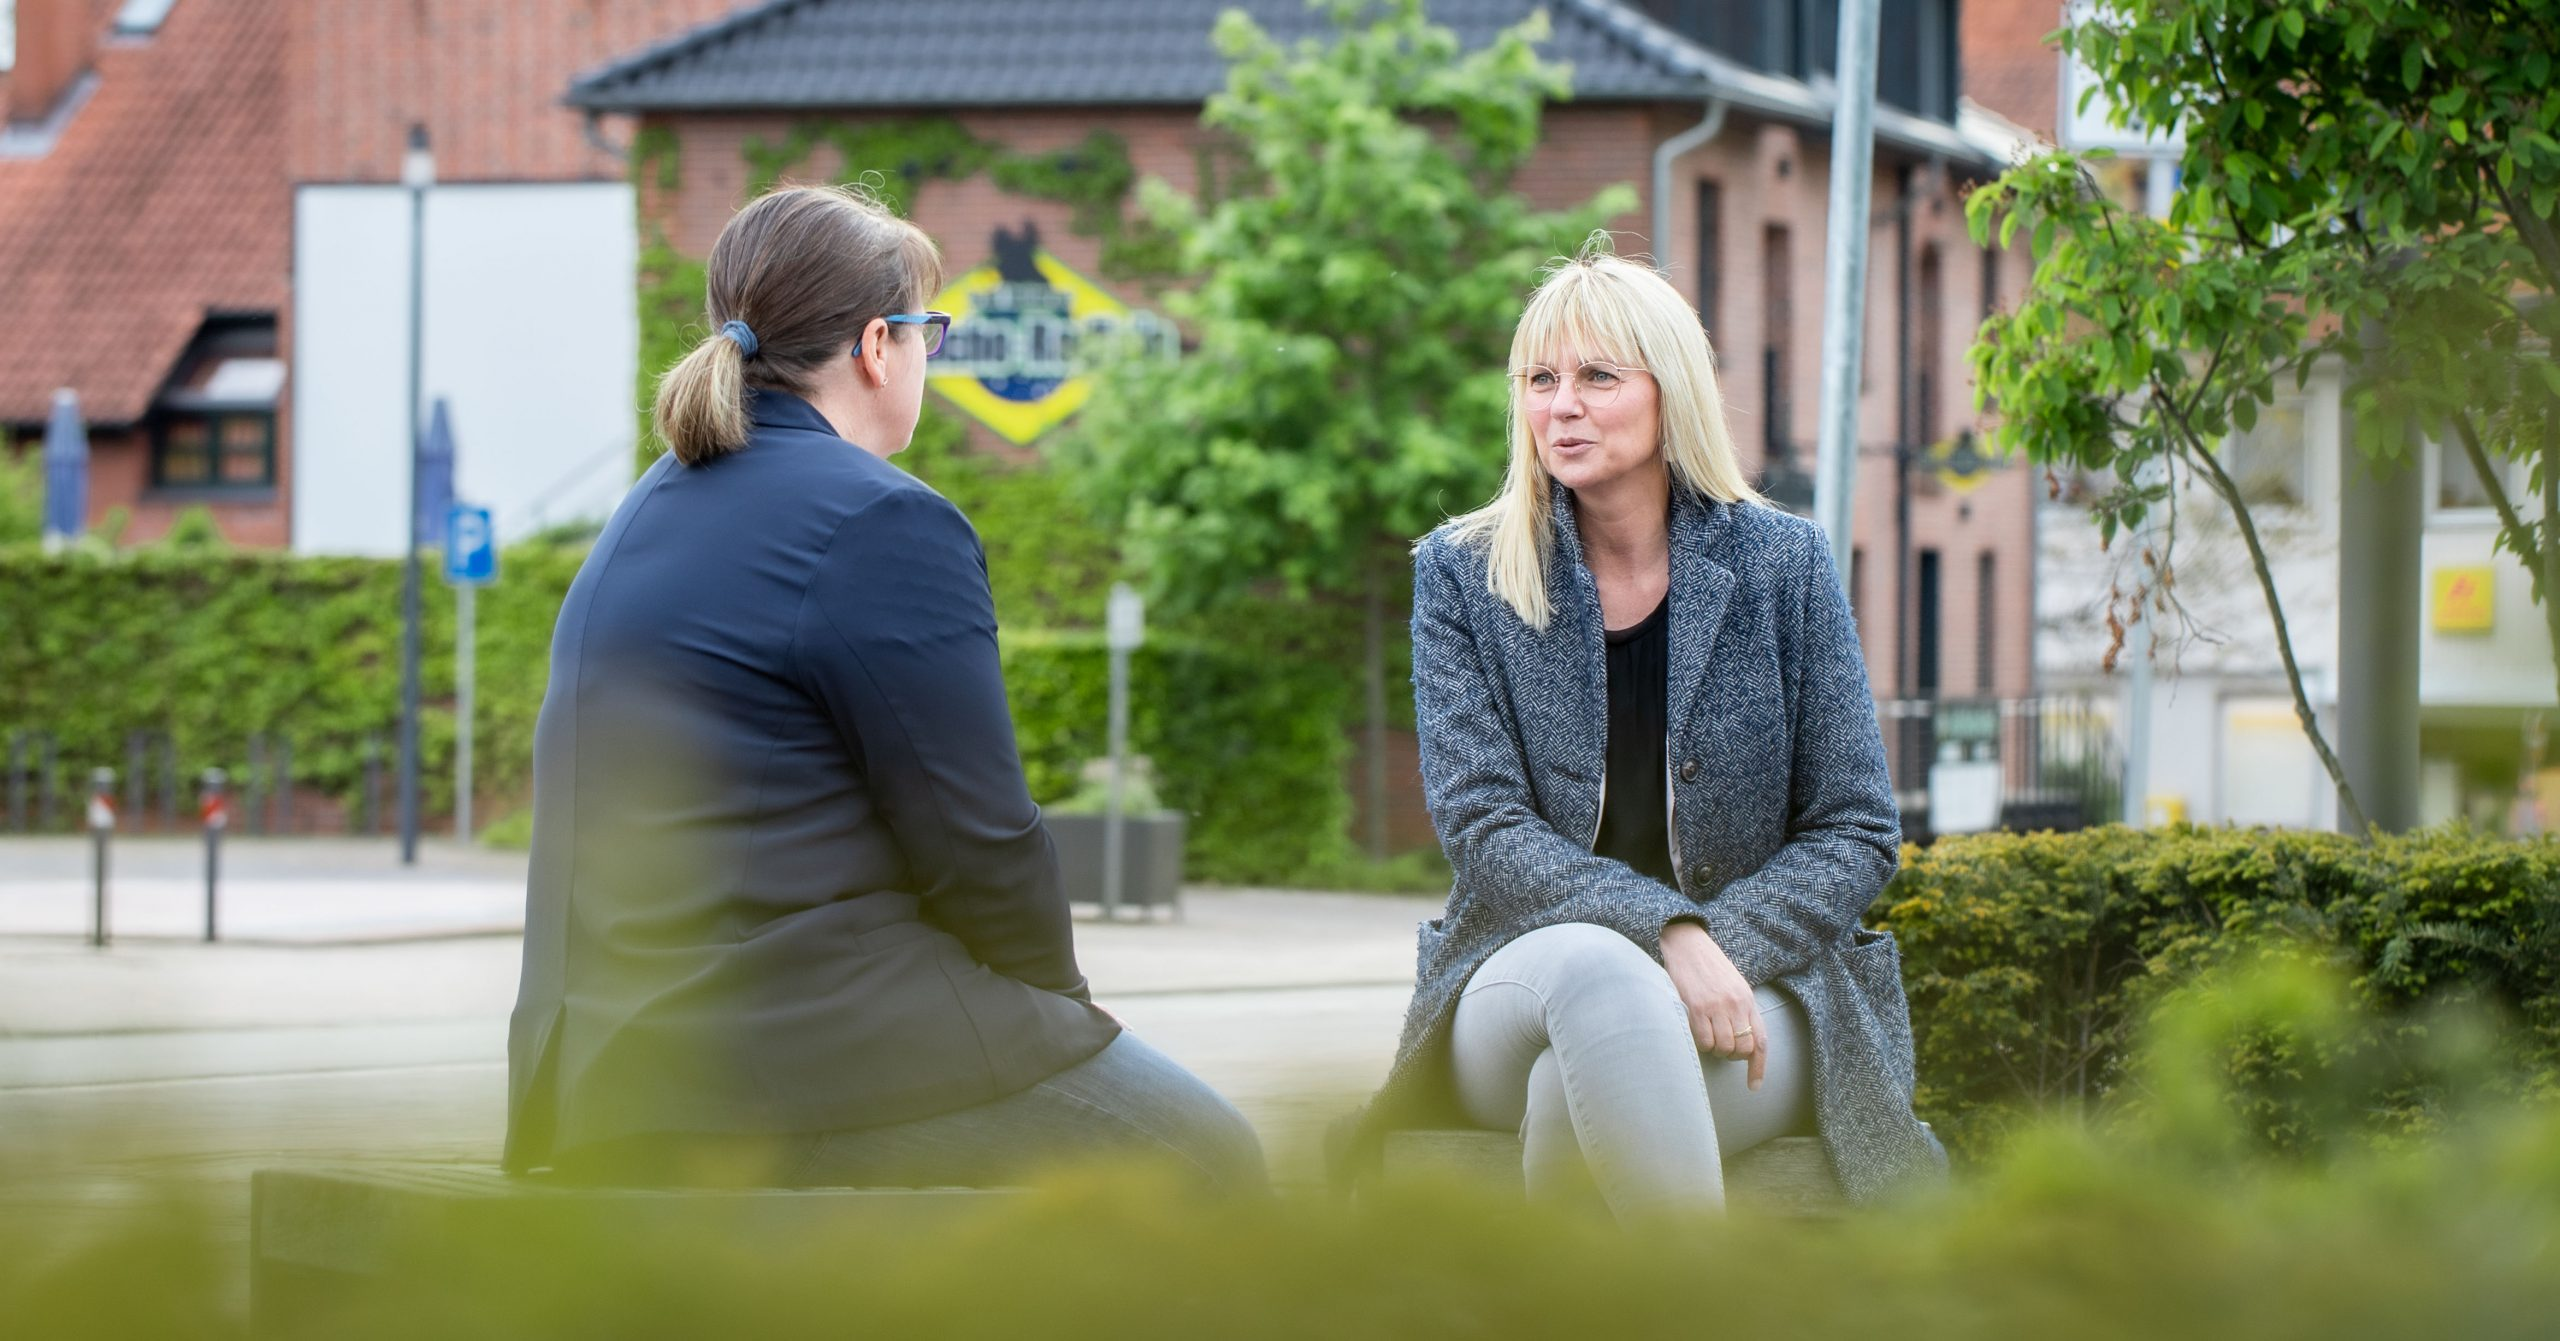 Unsere Bürgermeisterkandidatin Ulrike Jungemann